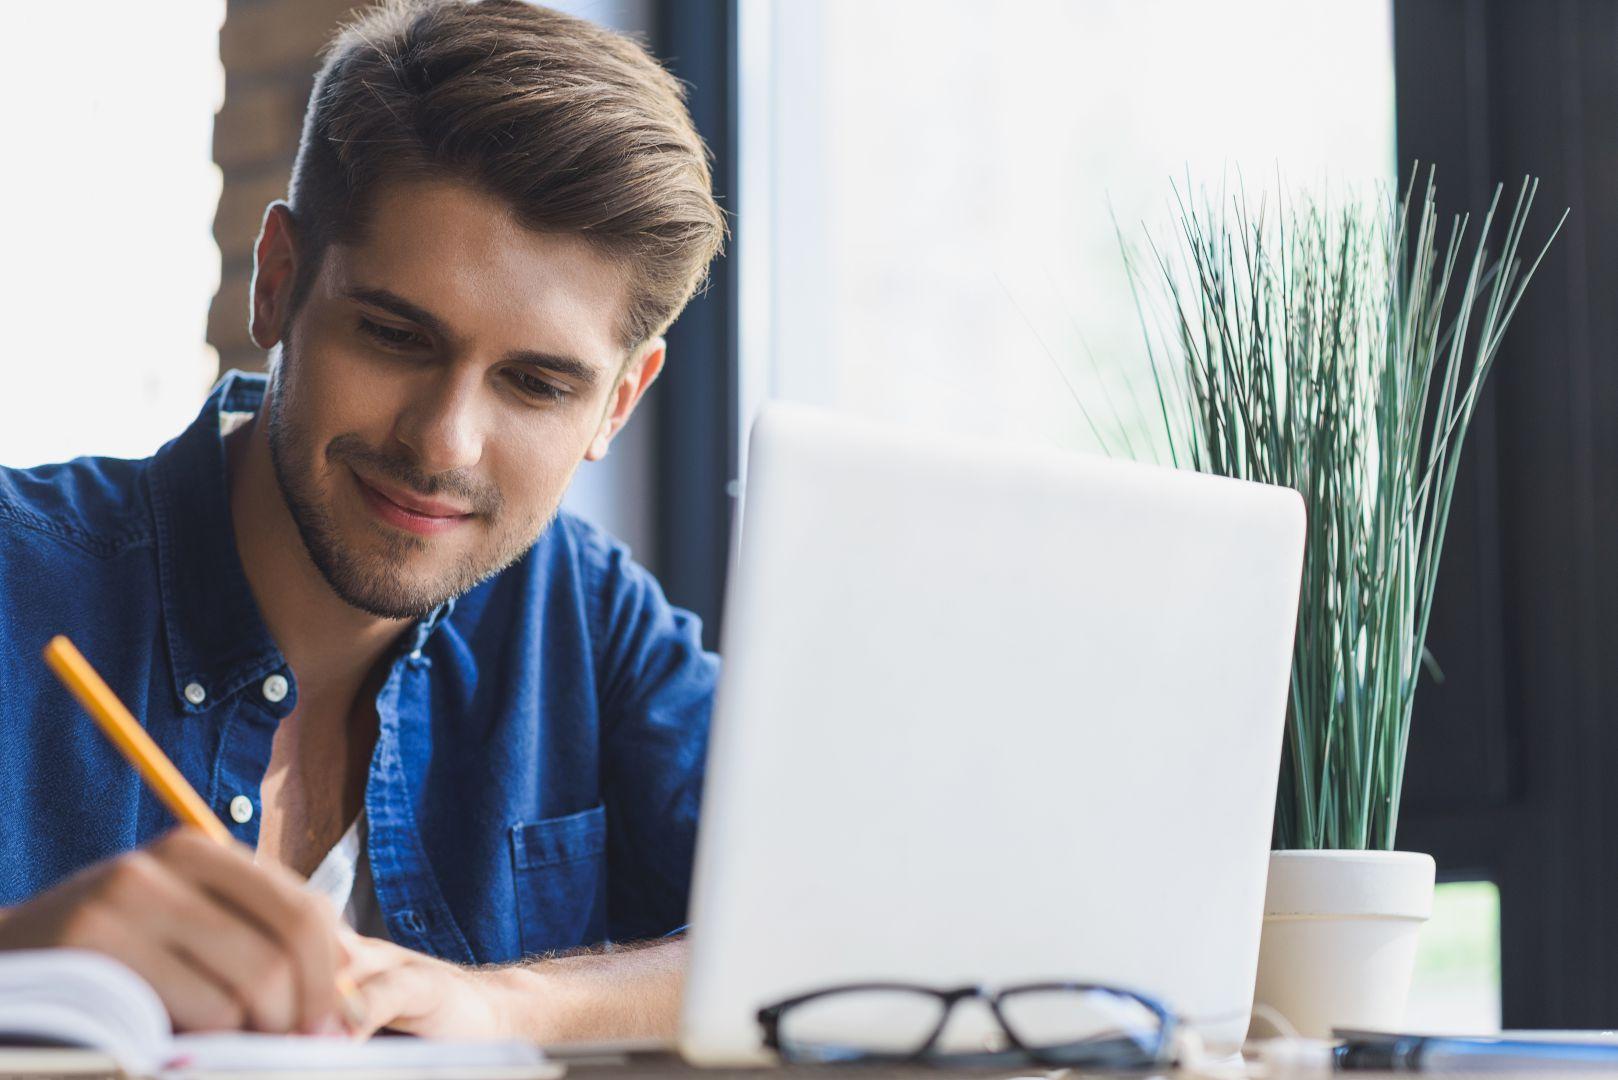 Homme devant son ordinateur à son poste